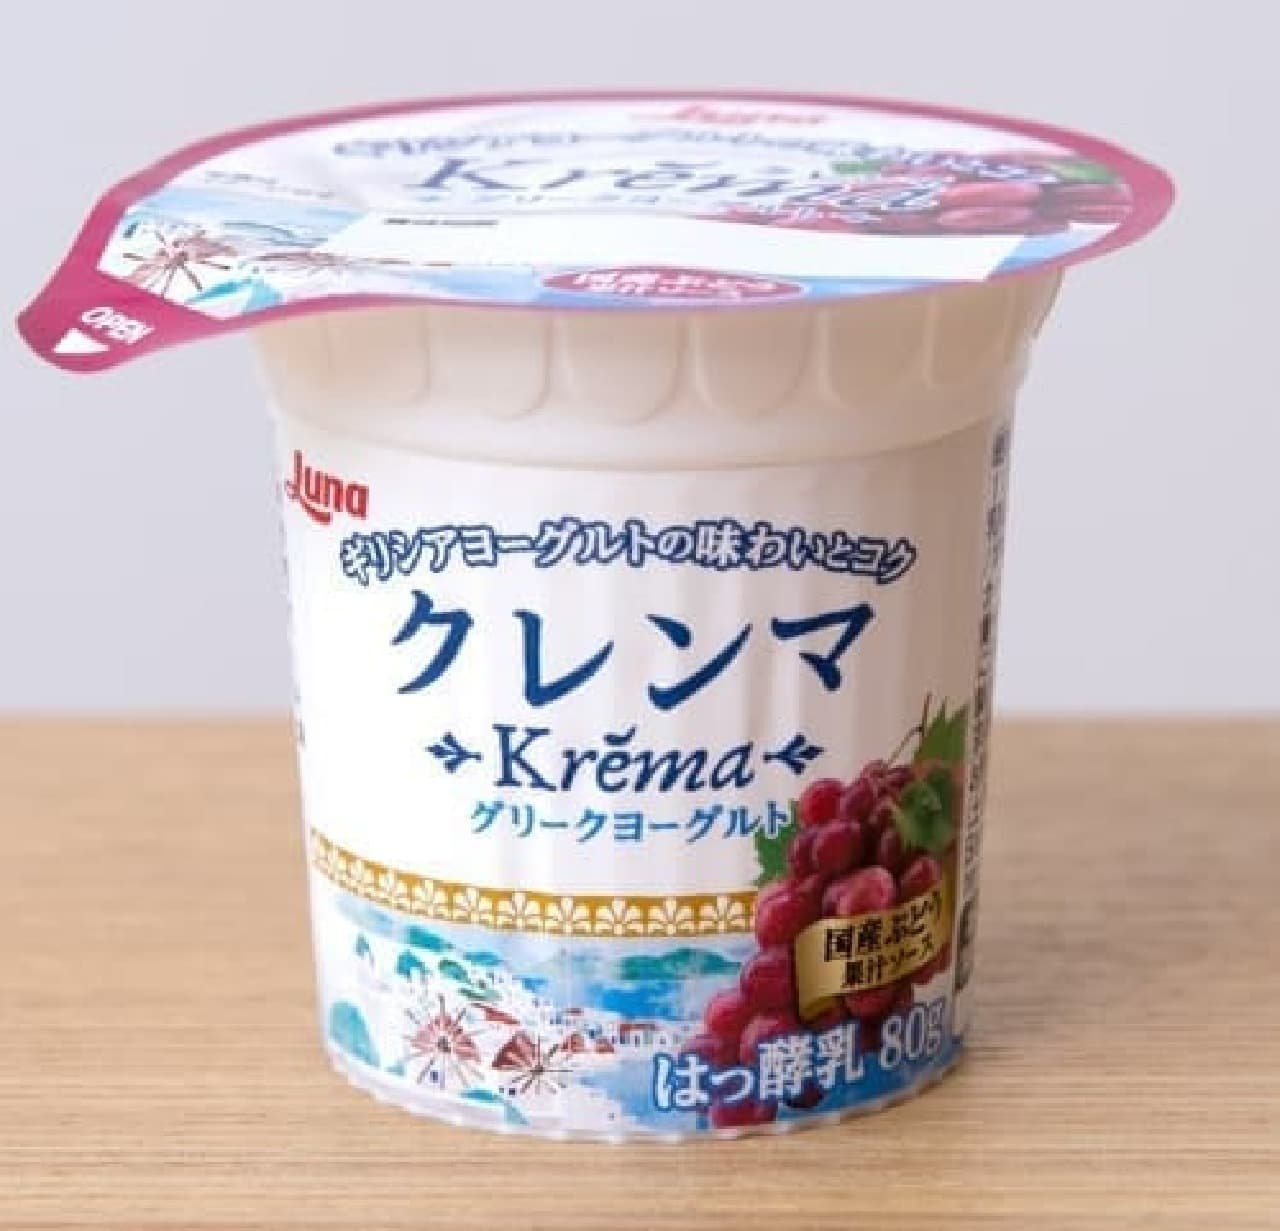 日本ルナ『グリークヨーグルト クレンマ』国産ぶどう果汁ソース